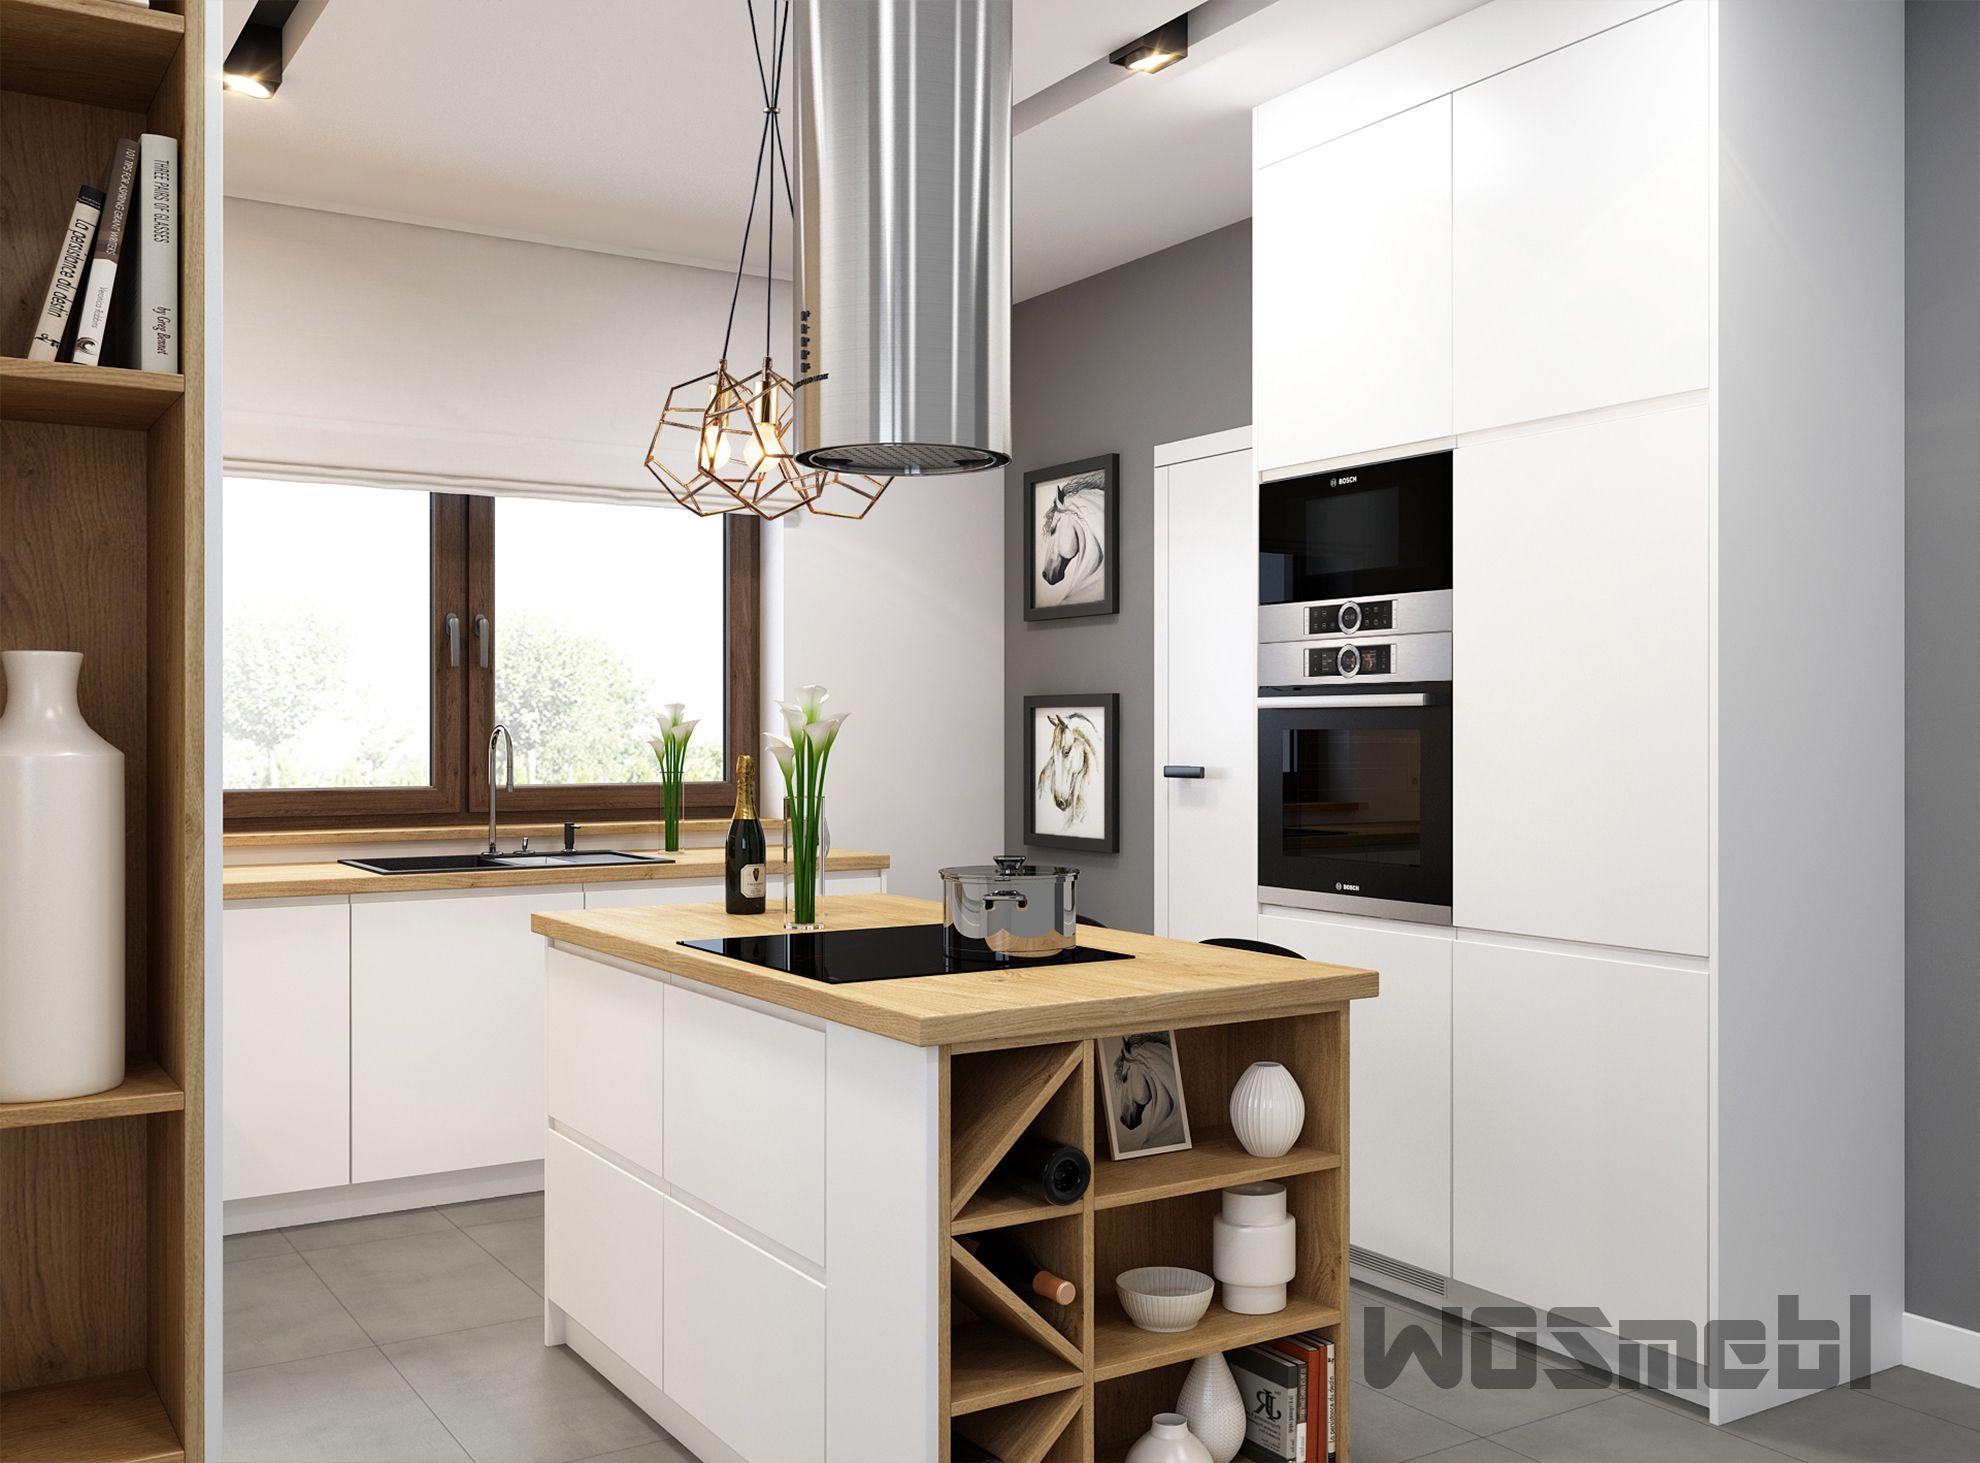 Realizacje Meble Kuchenne Na Wymiar Rzeszow Wosmebl Home Decor Home Furniture